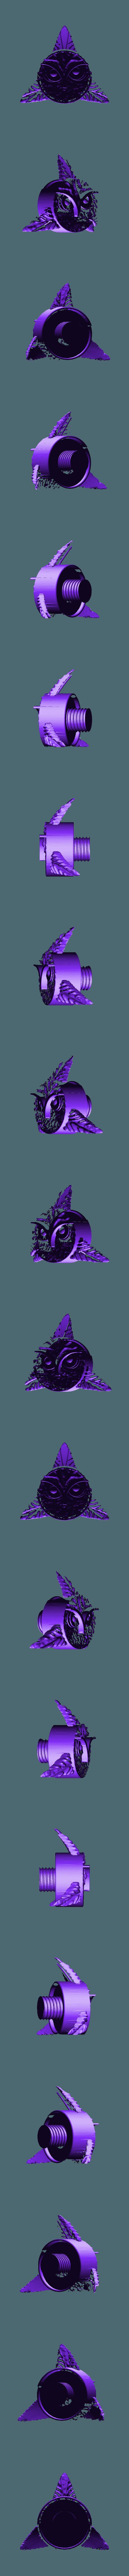 Owl.stl Télécharger fichier OBJ gratuit Modèle d'impression 3D de Harry Potter et la Coupe de feu (Oeuf) • Objet à imprimer en 3D, quaddalone